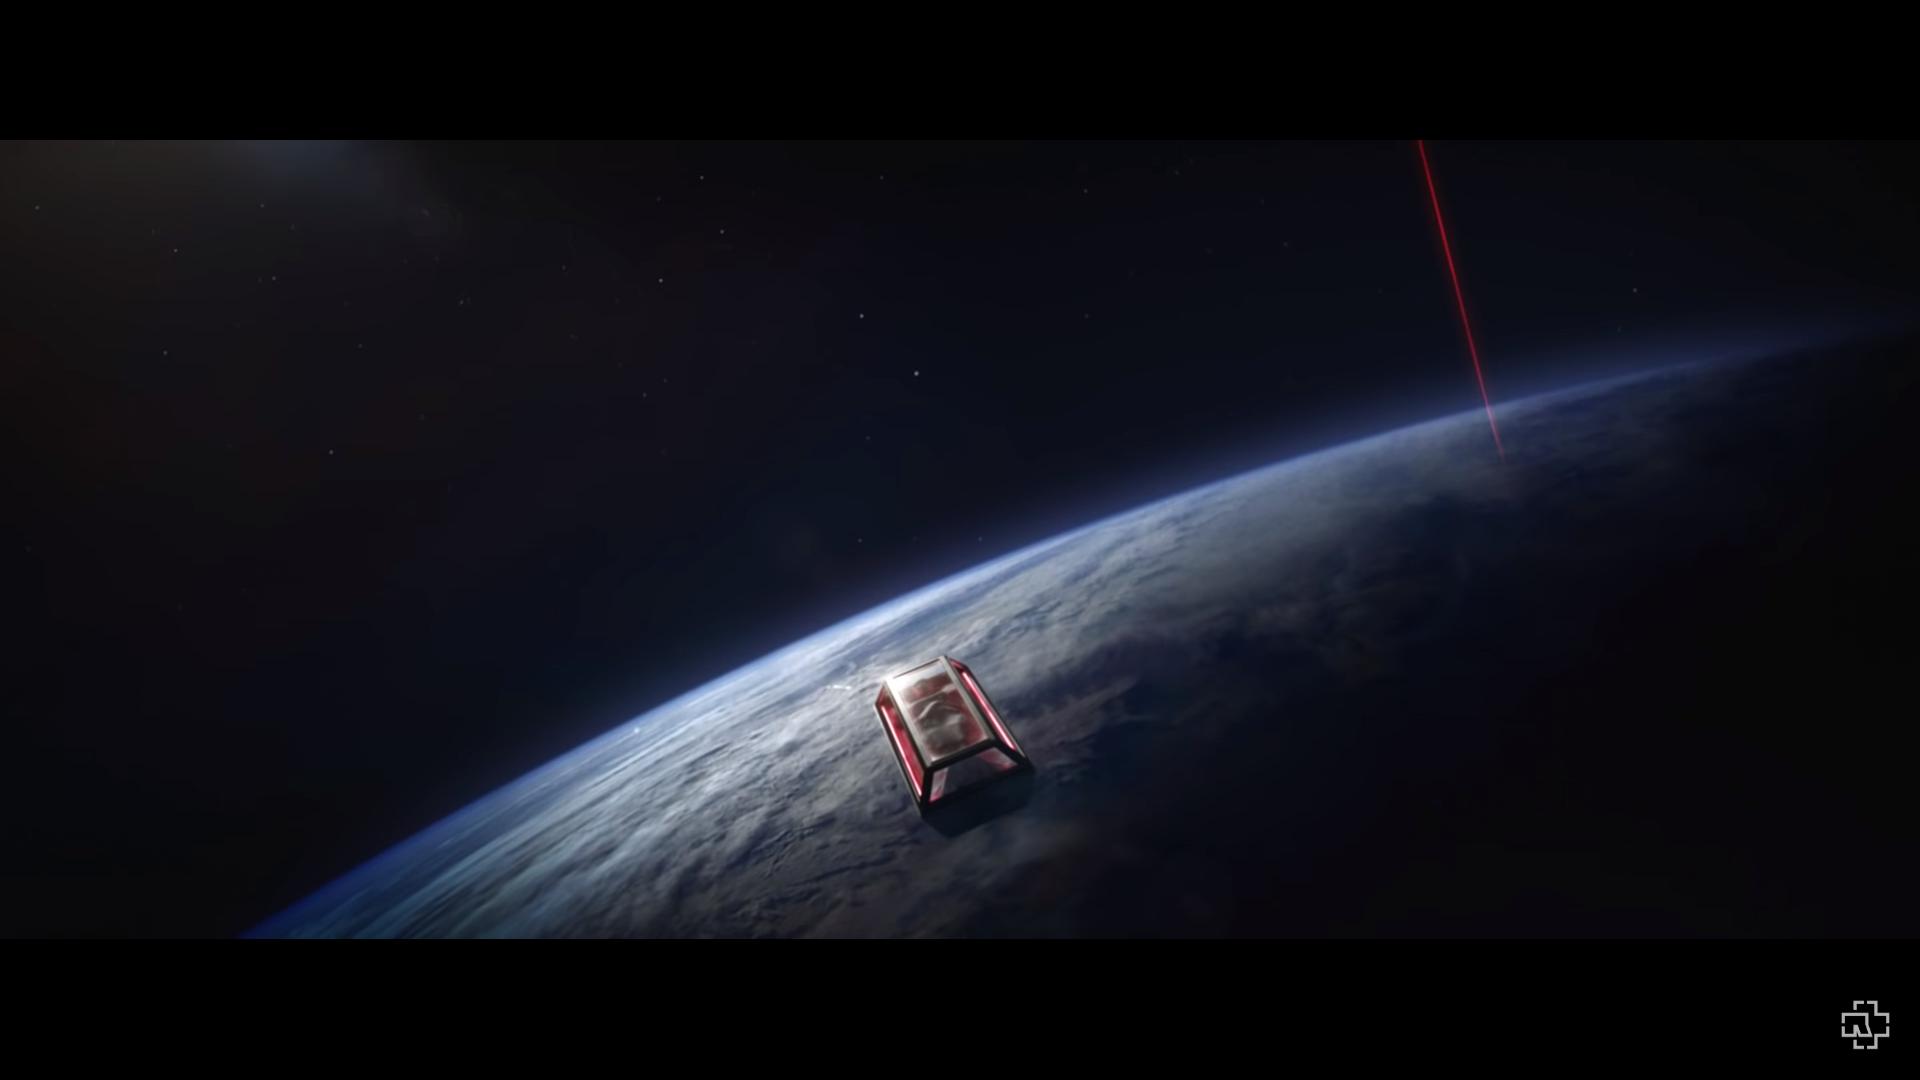 rammstein_deutschland_snapshots_68_space_expedition.png